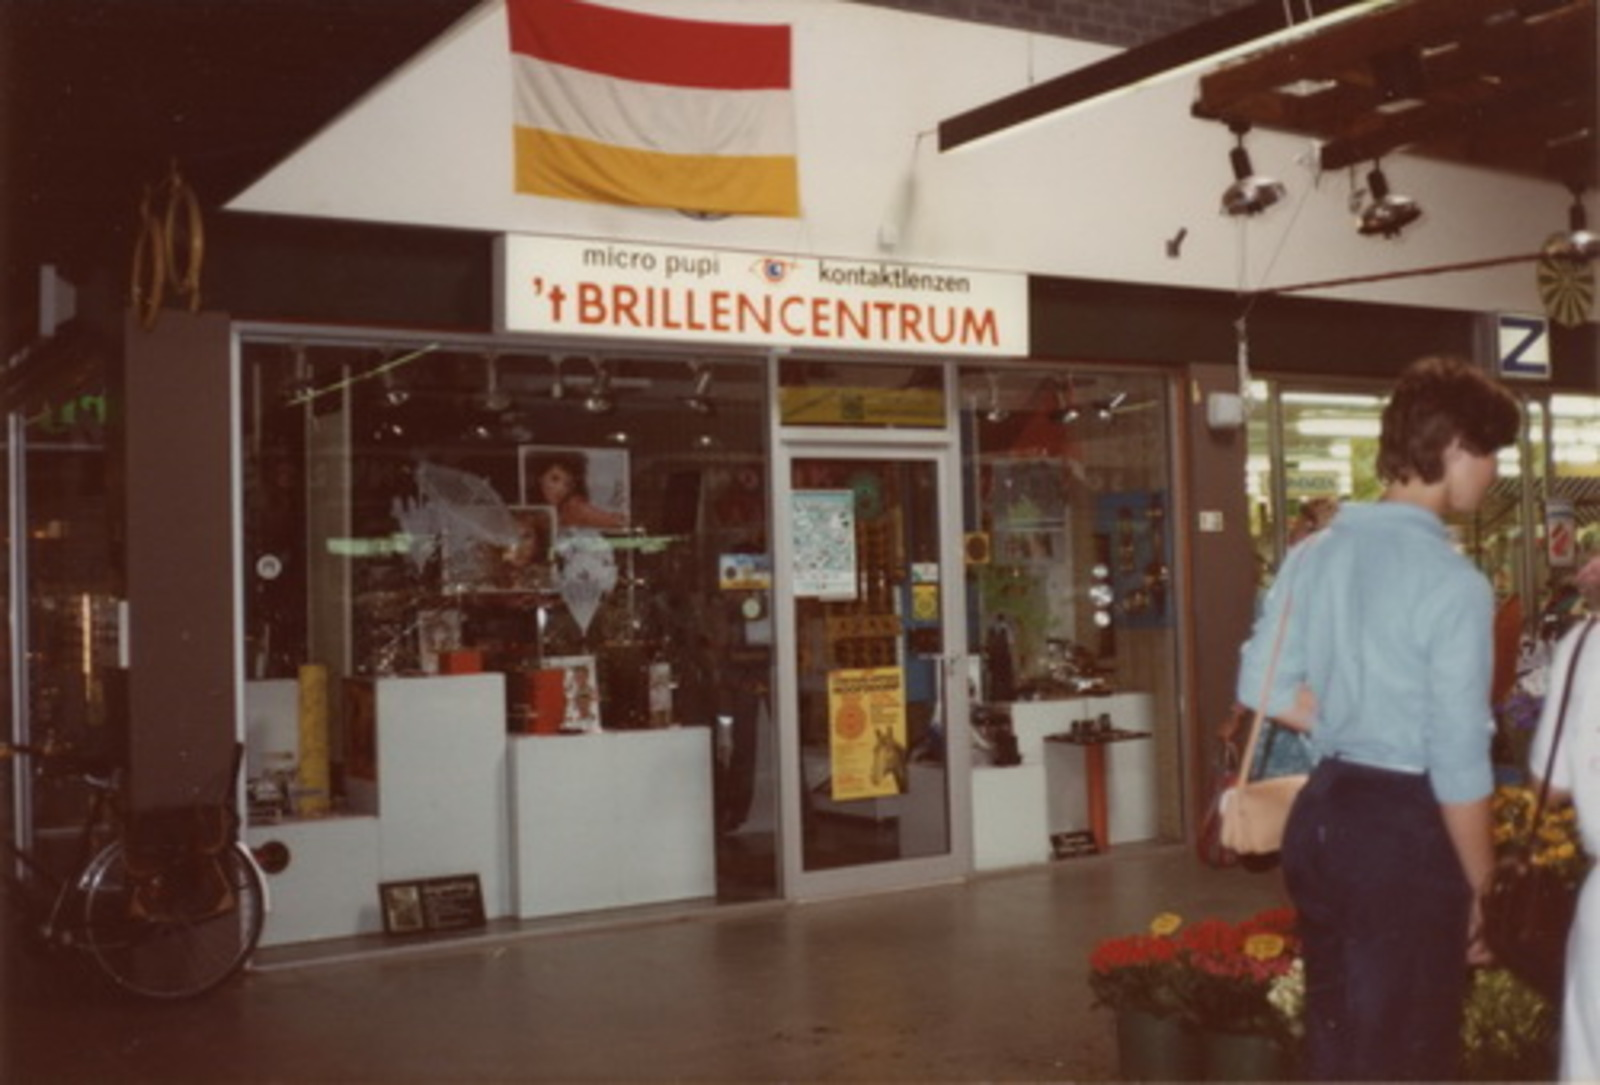 Marktplein Z 0040+ 1972+ Markthof 04 t Brillencentrum